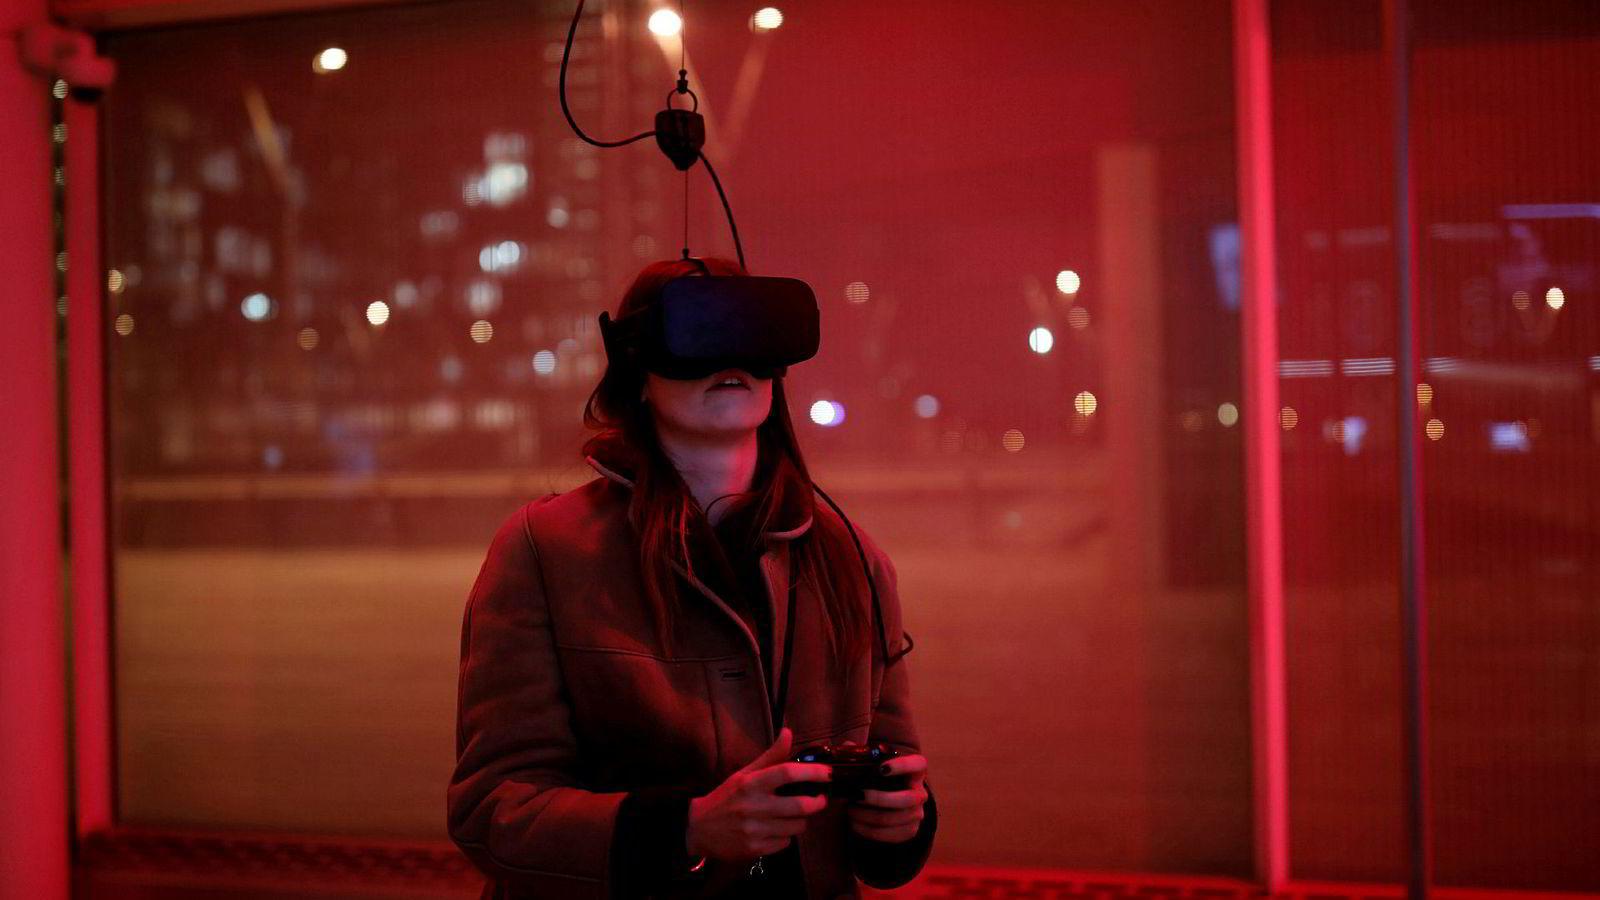 Oculus er dømt til å betale erstatning for å ha benyttet stjålet datateknologi. På bildet spiller en kvinne videospill med Oculus Rift VR-briller.